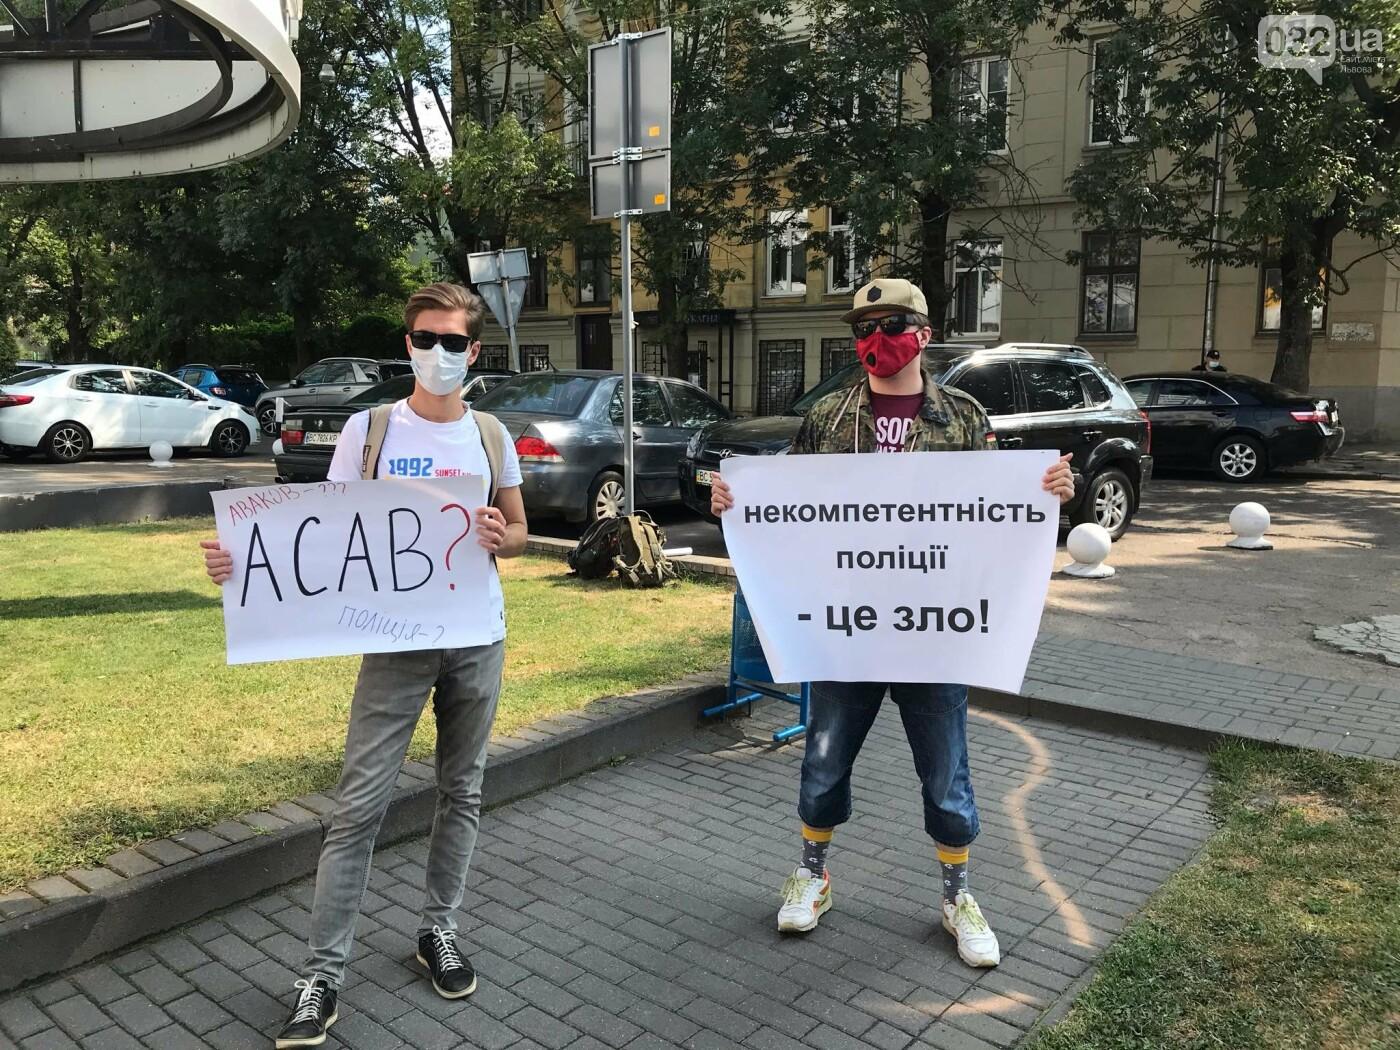 Мітинг біля Галицького районного суду. Фото - 032.ua